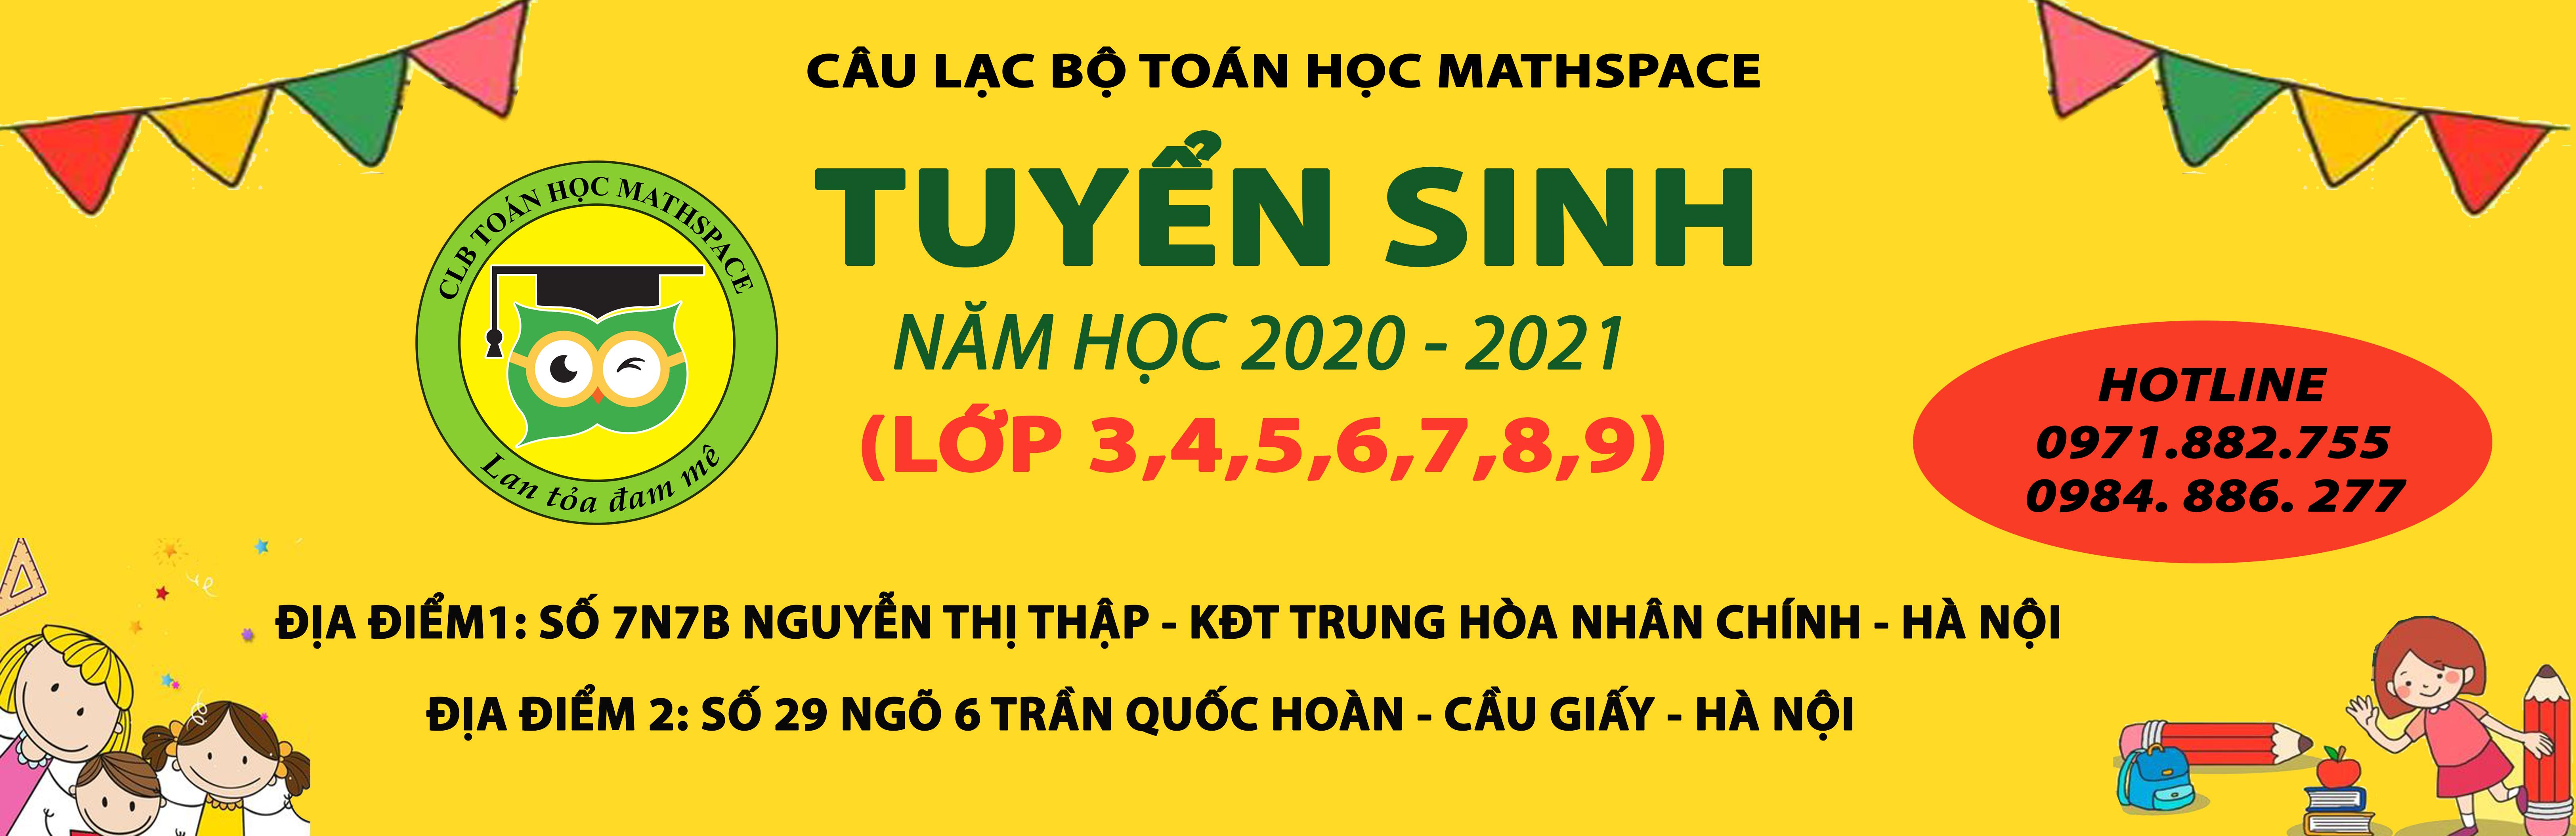 tkb nam hoc 2020 - 2021